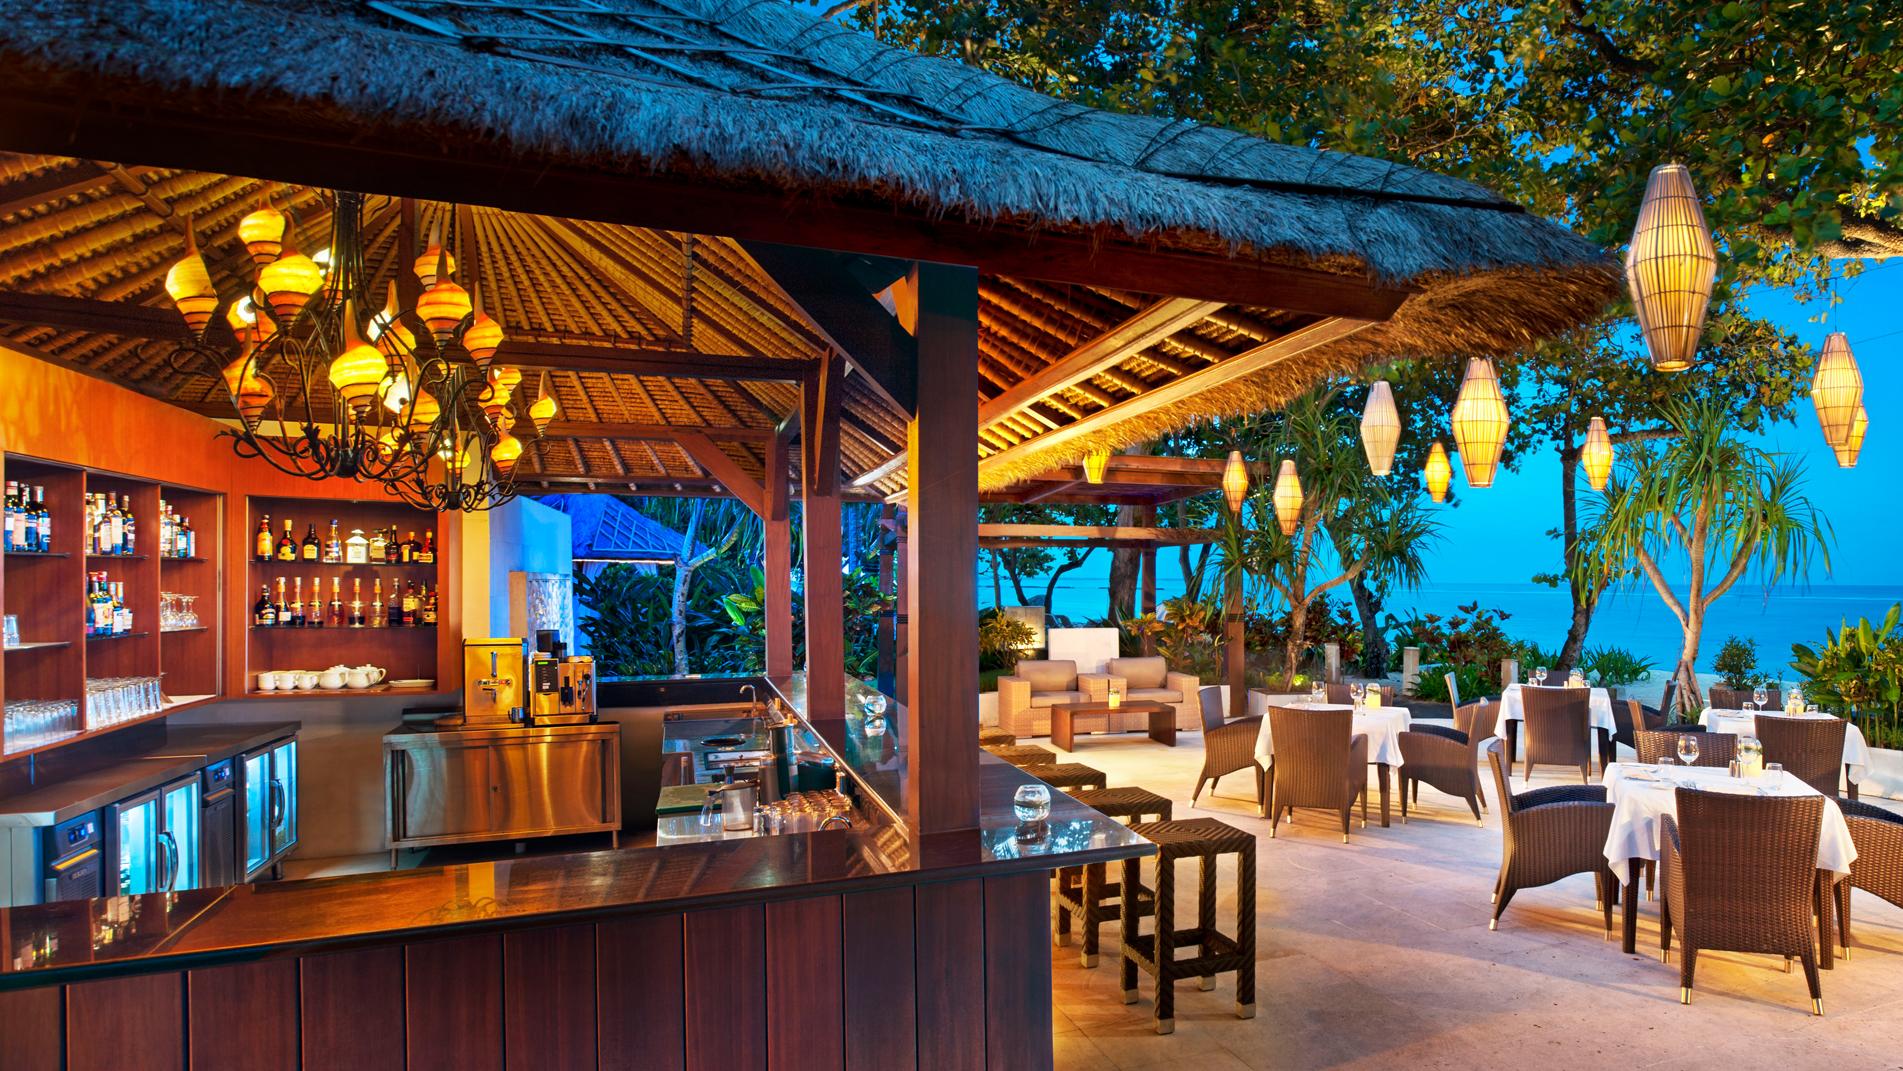 Arwana Restaurant Nusa Dua, Pengalaman Makan Malam Romantis dengan Sajian Pemandangan Samudera Hindia